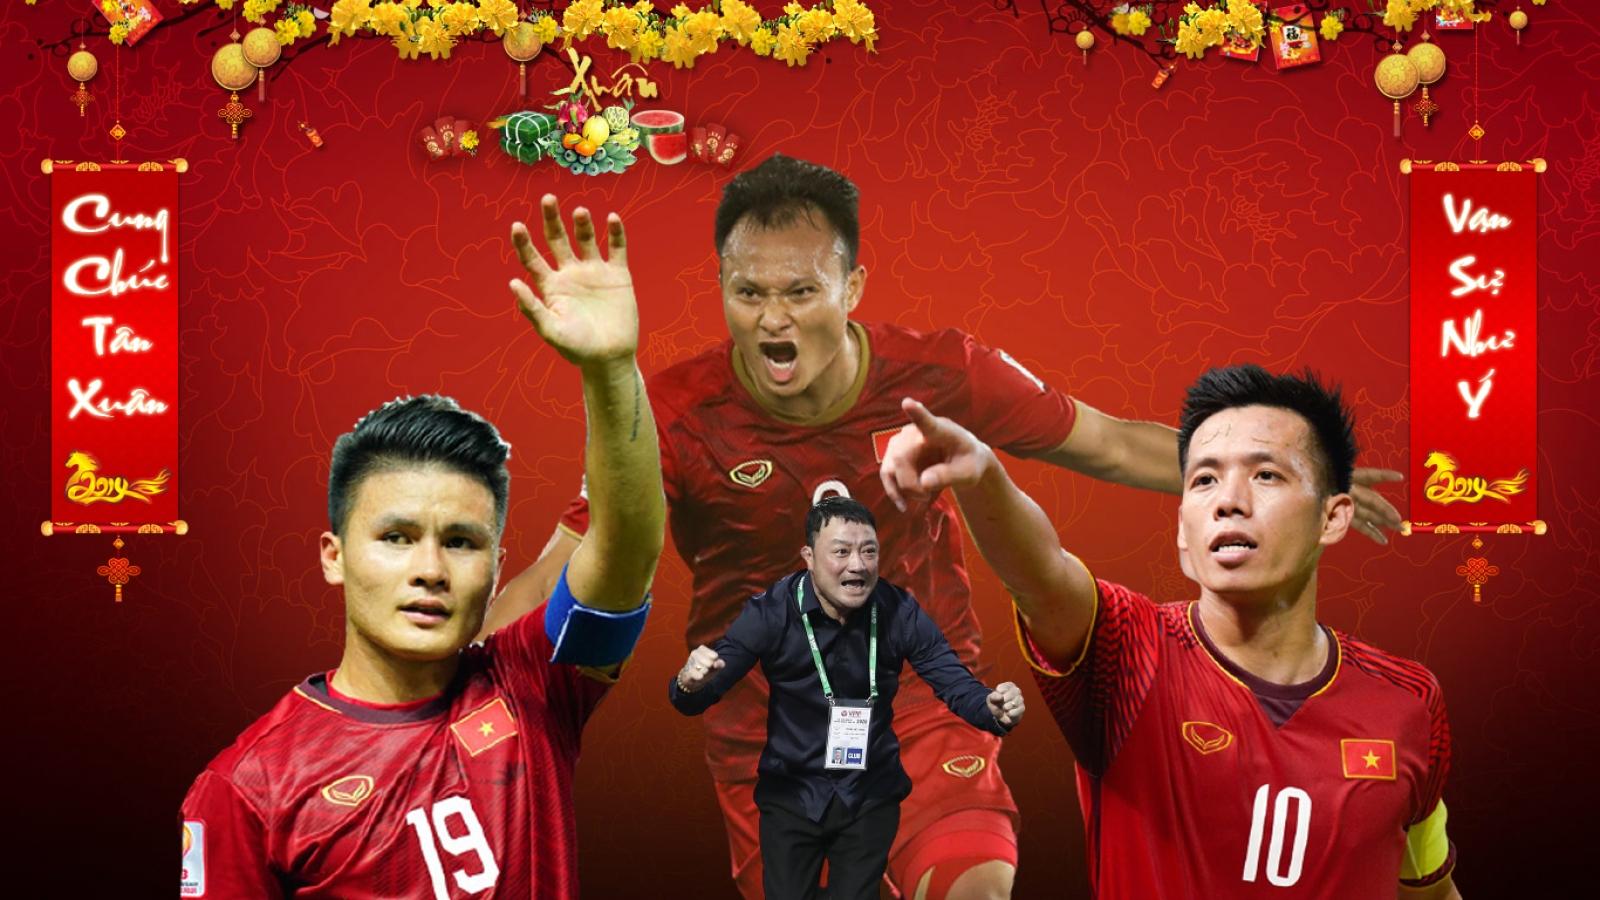 Dàn sao bóng đá Việt Nam và các HLV chúc Tết người hâm mộ cả nước